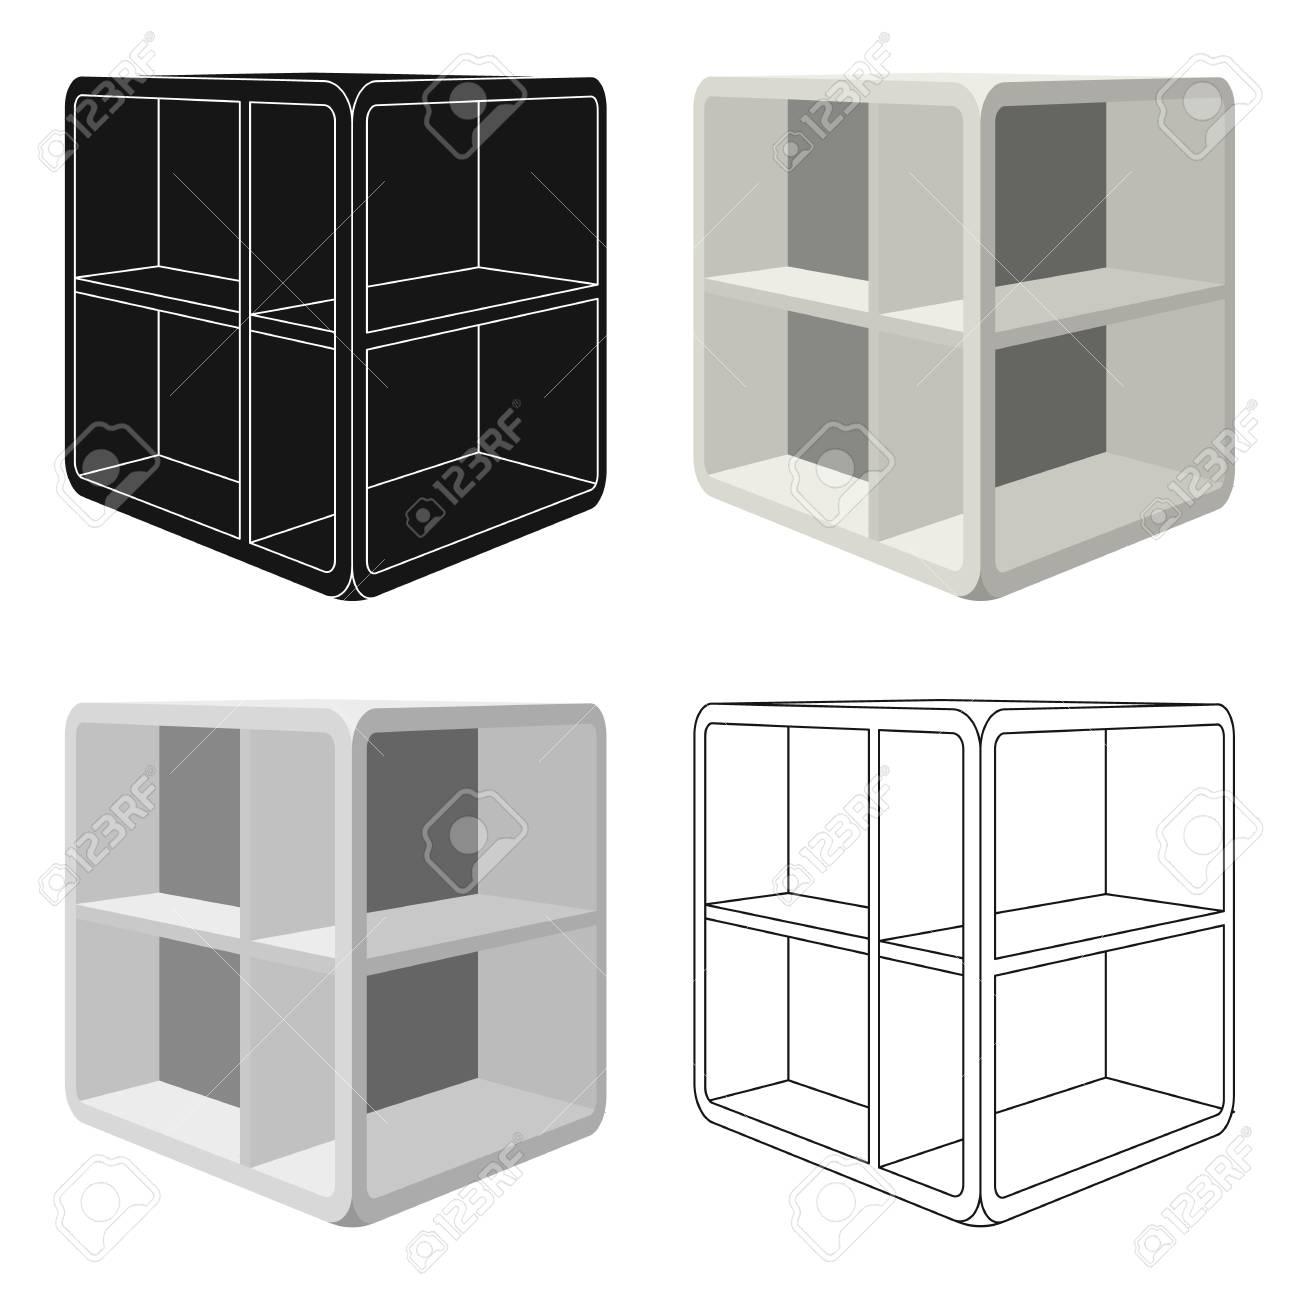 Table Basse De Petite Piece Table Blanche Avec Des Cellules Icone